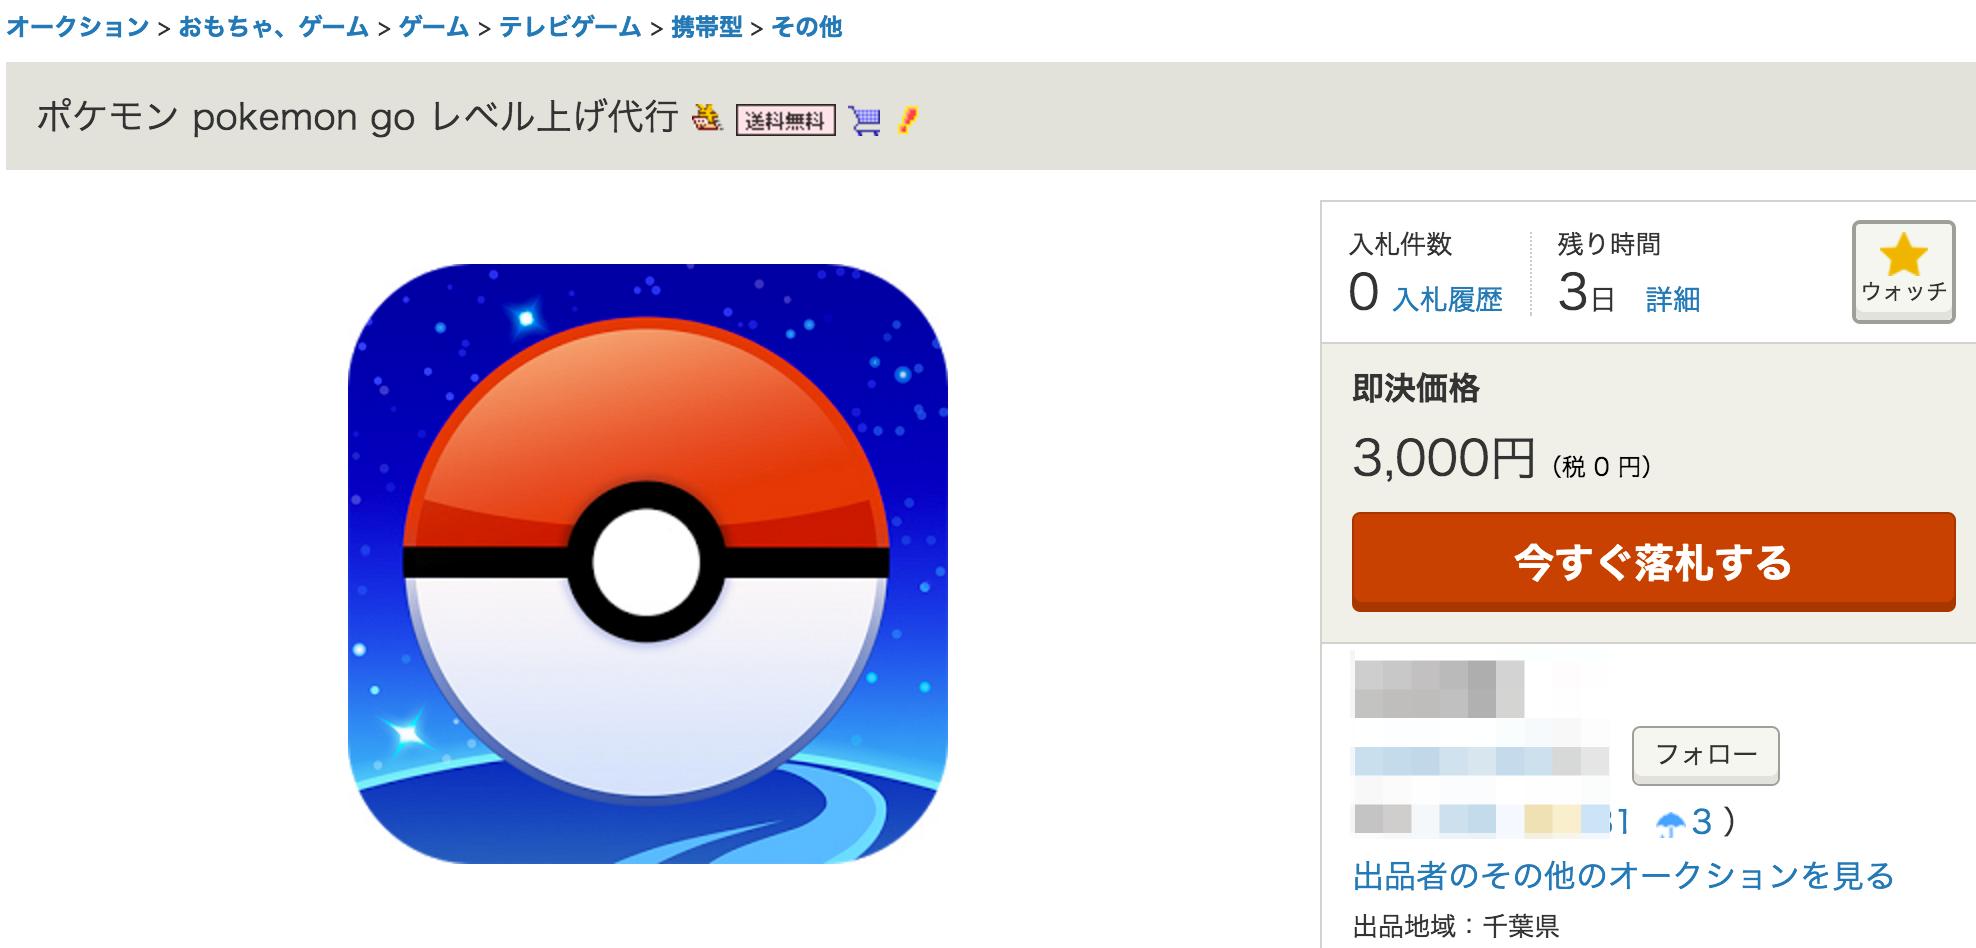 ポケモン_pokemon_go_レベル上げ代行_-_ヤフオク_